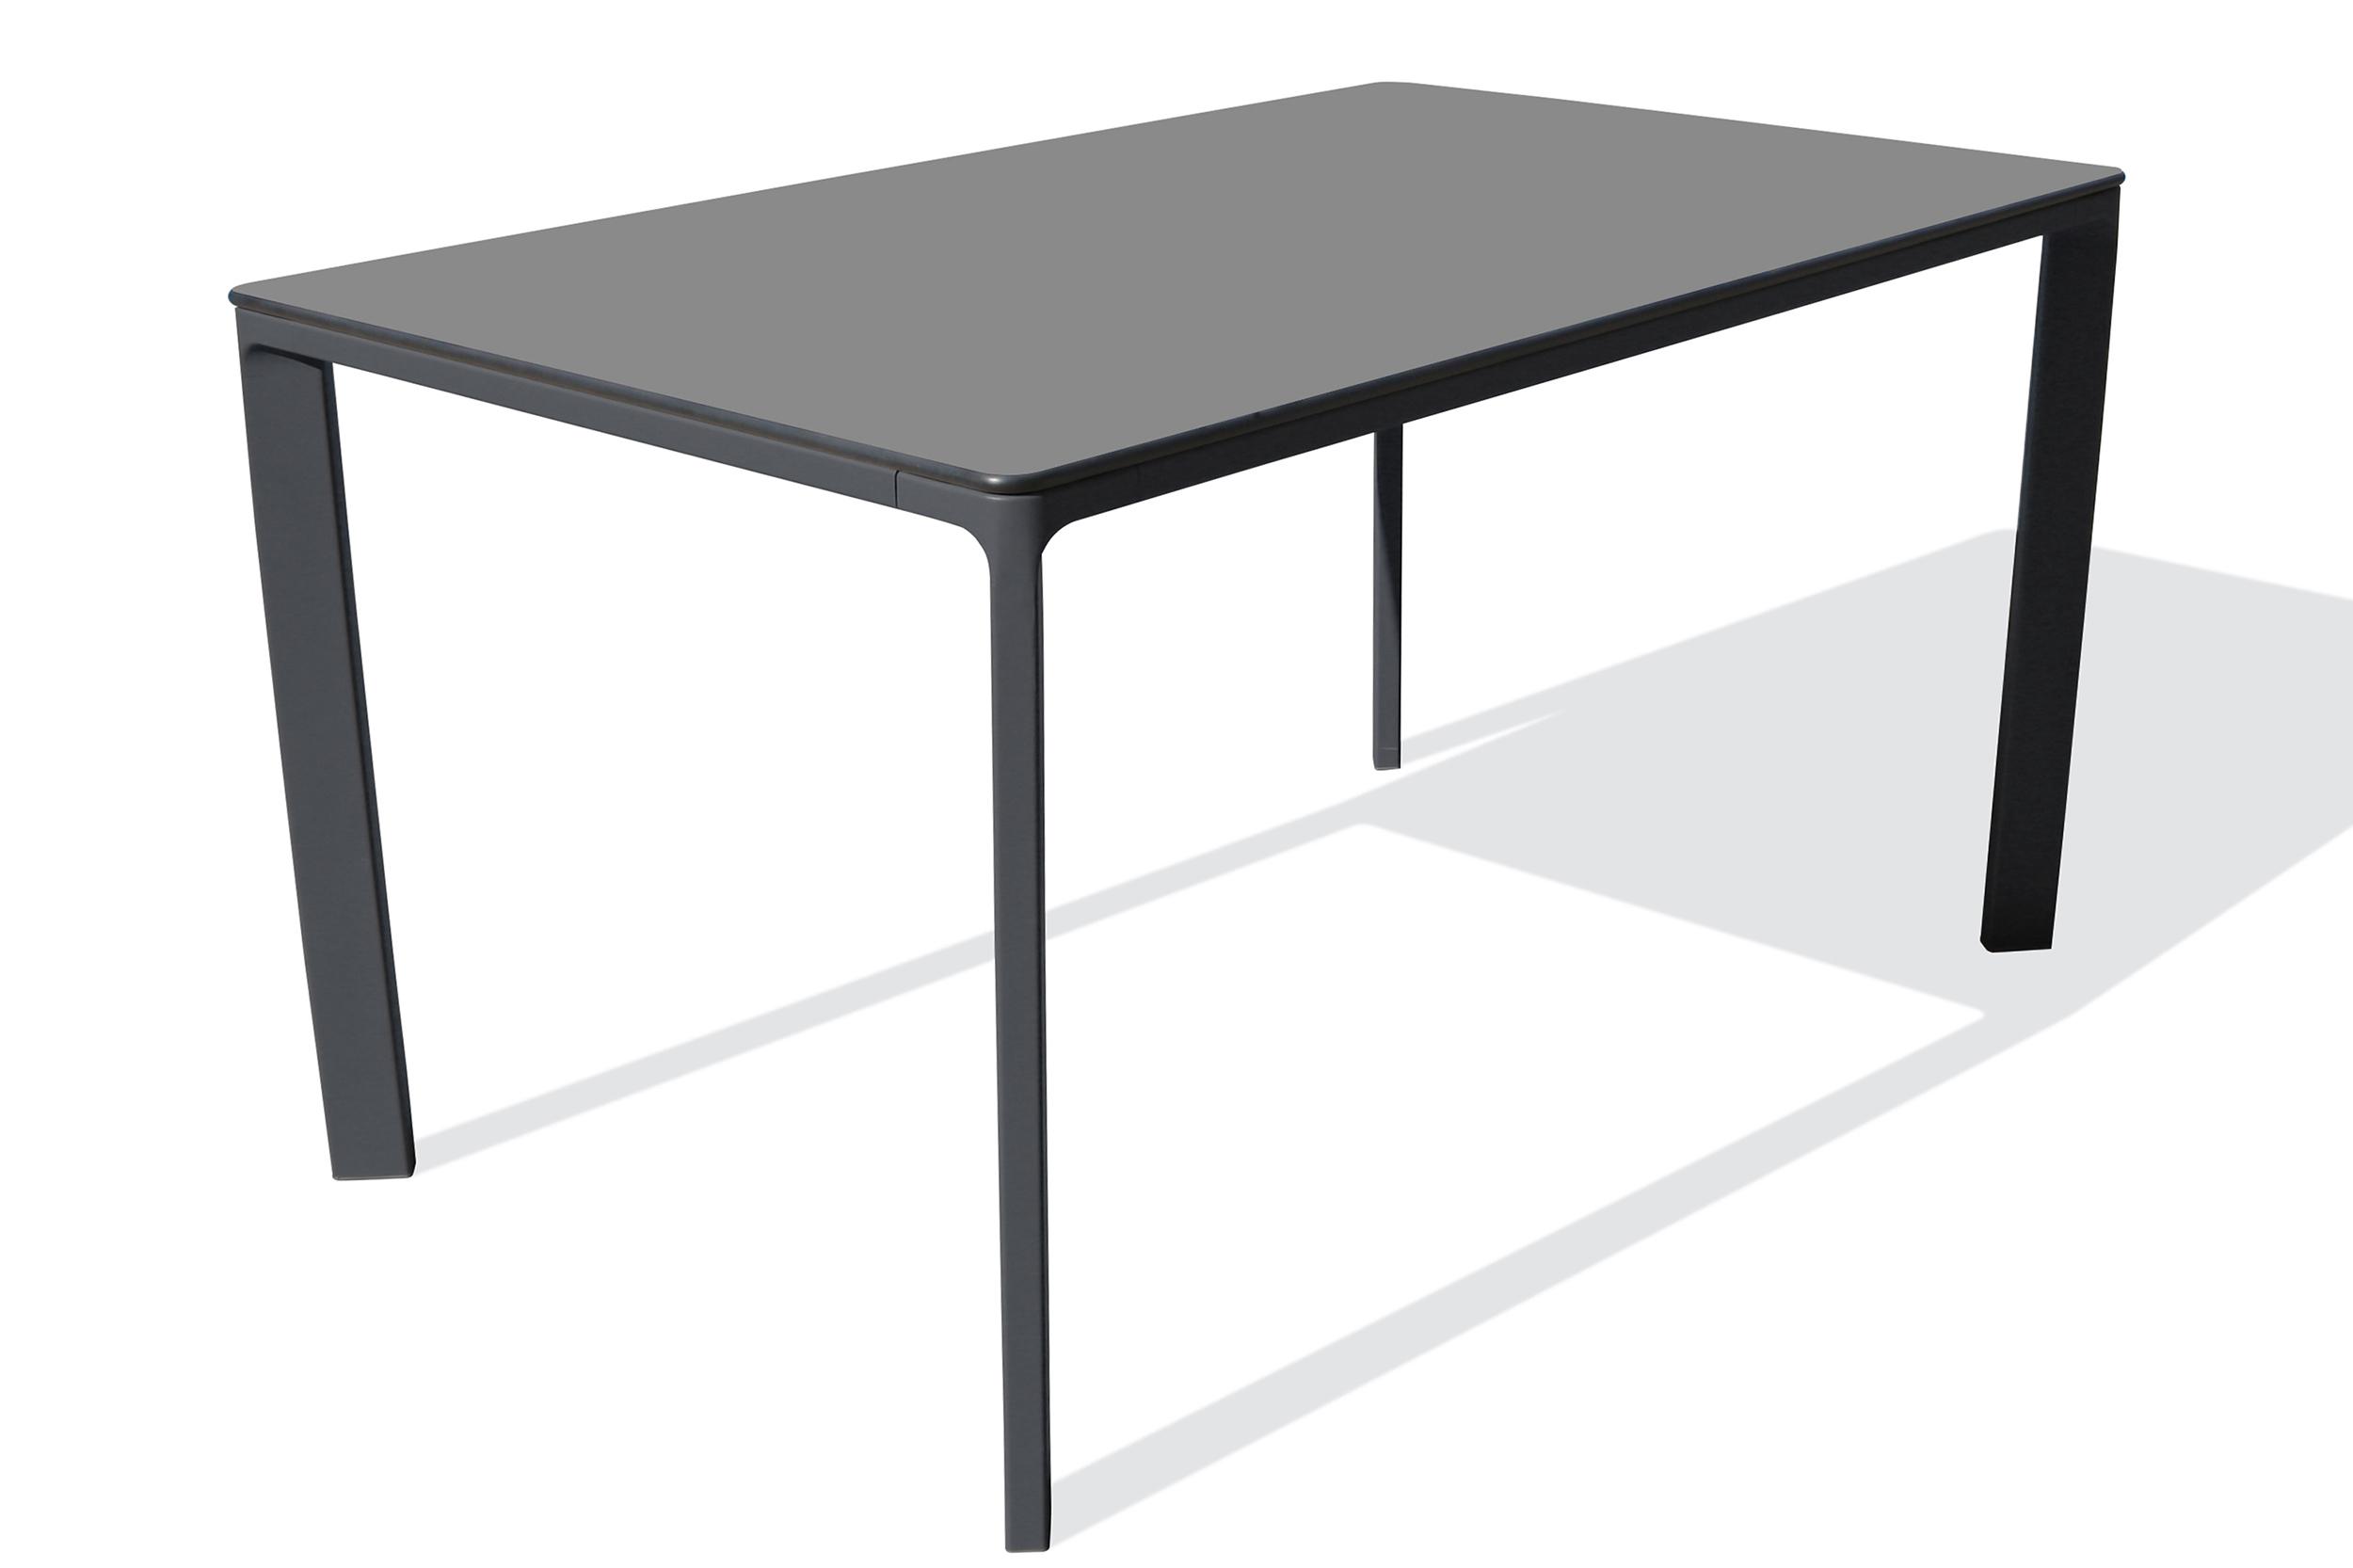 Table de jardin 6 places en aluminium laqué et peinture Epoxy gris